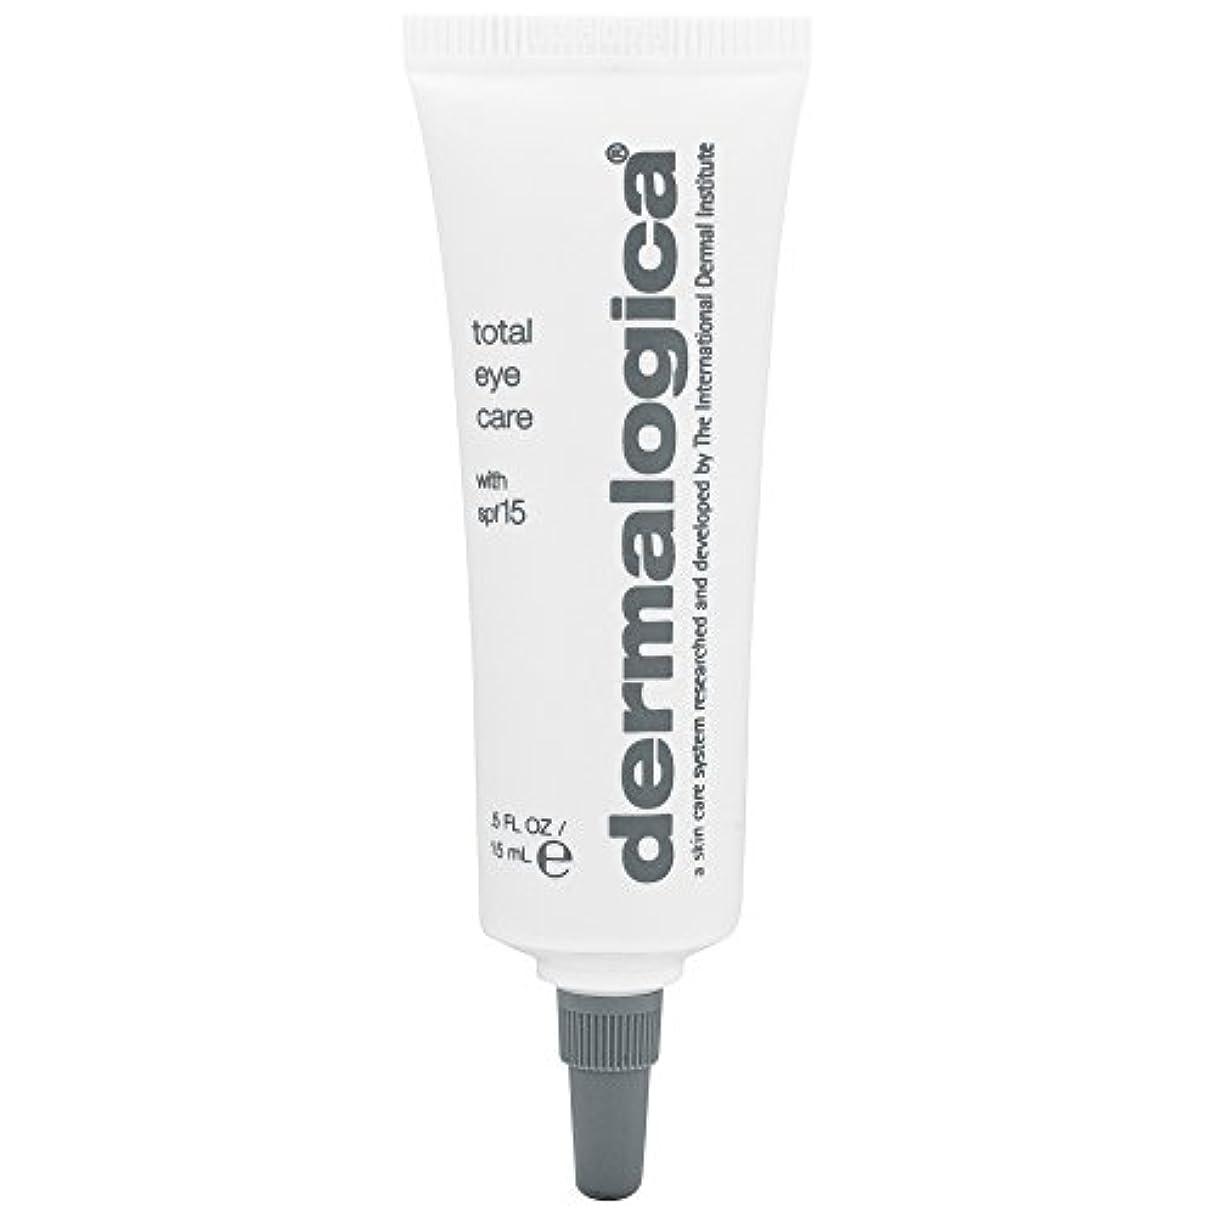 反対する多様体手錠ダーマロジカ総目のケアSpf 15 15ミリリットル (Dermalogica) (x2) - Dermalogica Total Eye Care SPF 15 15ml (Pack of 2) [並行輸入品]